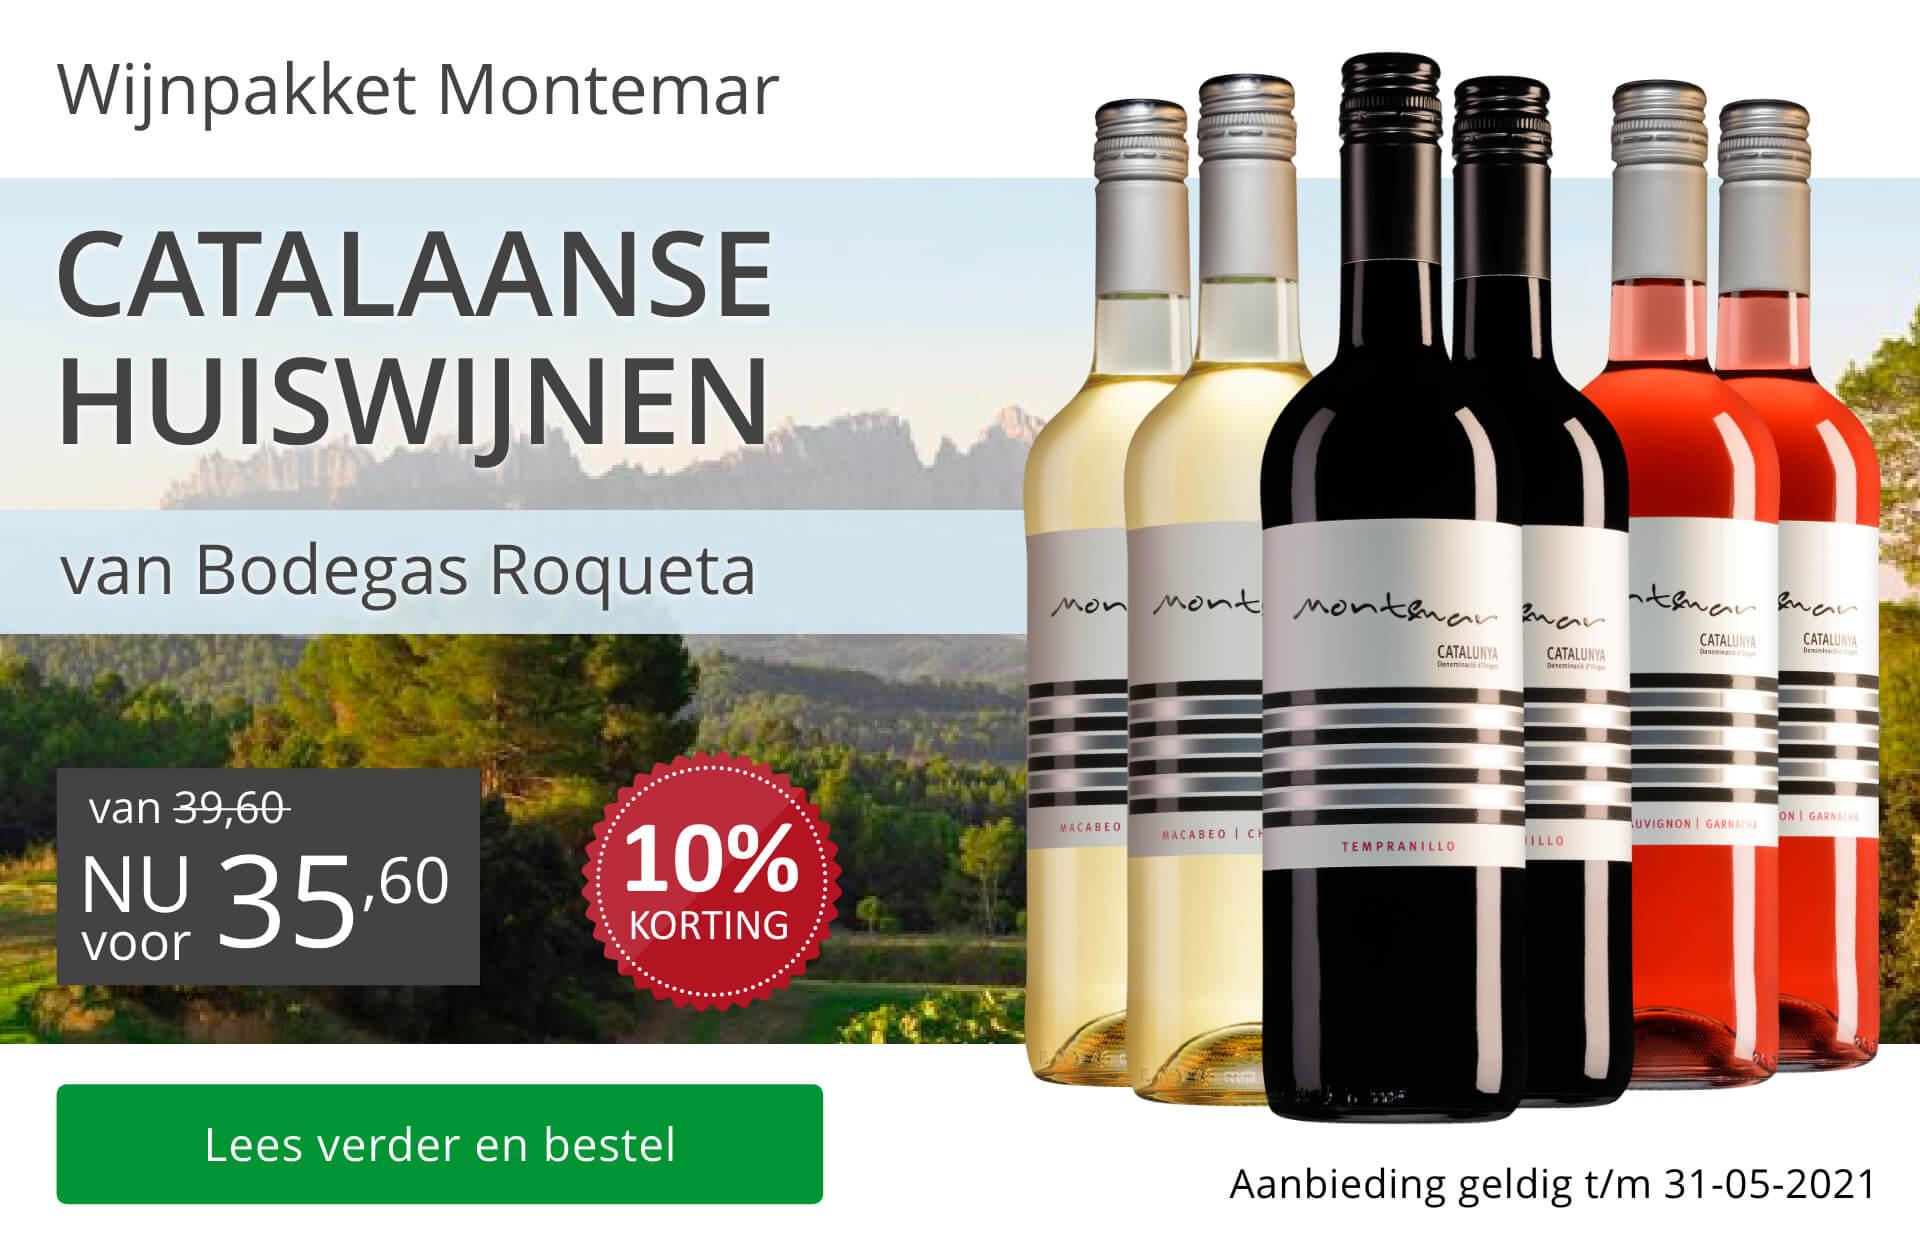 Wijnpakket Catalaanse huiswijnen mei 2021 (35,60)